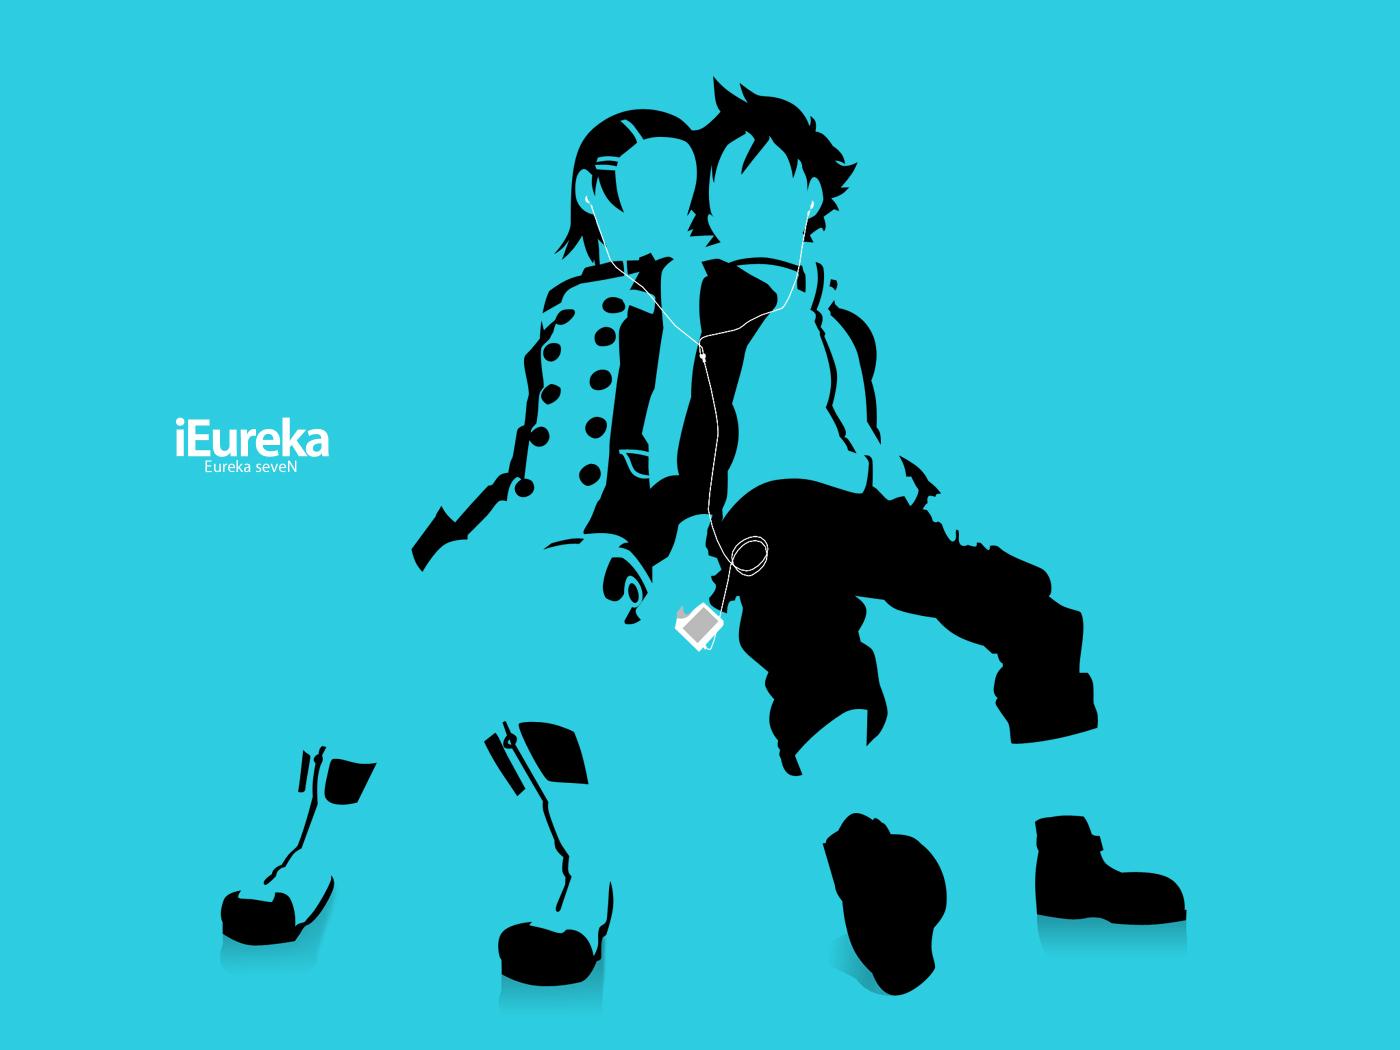 bones eureka eureka_seven ipod polychromatic renton_thurston silhouette